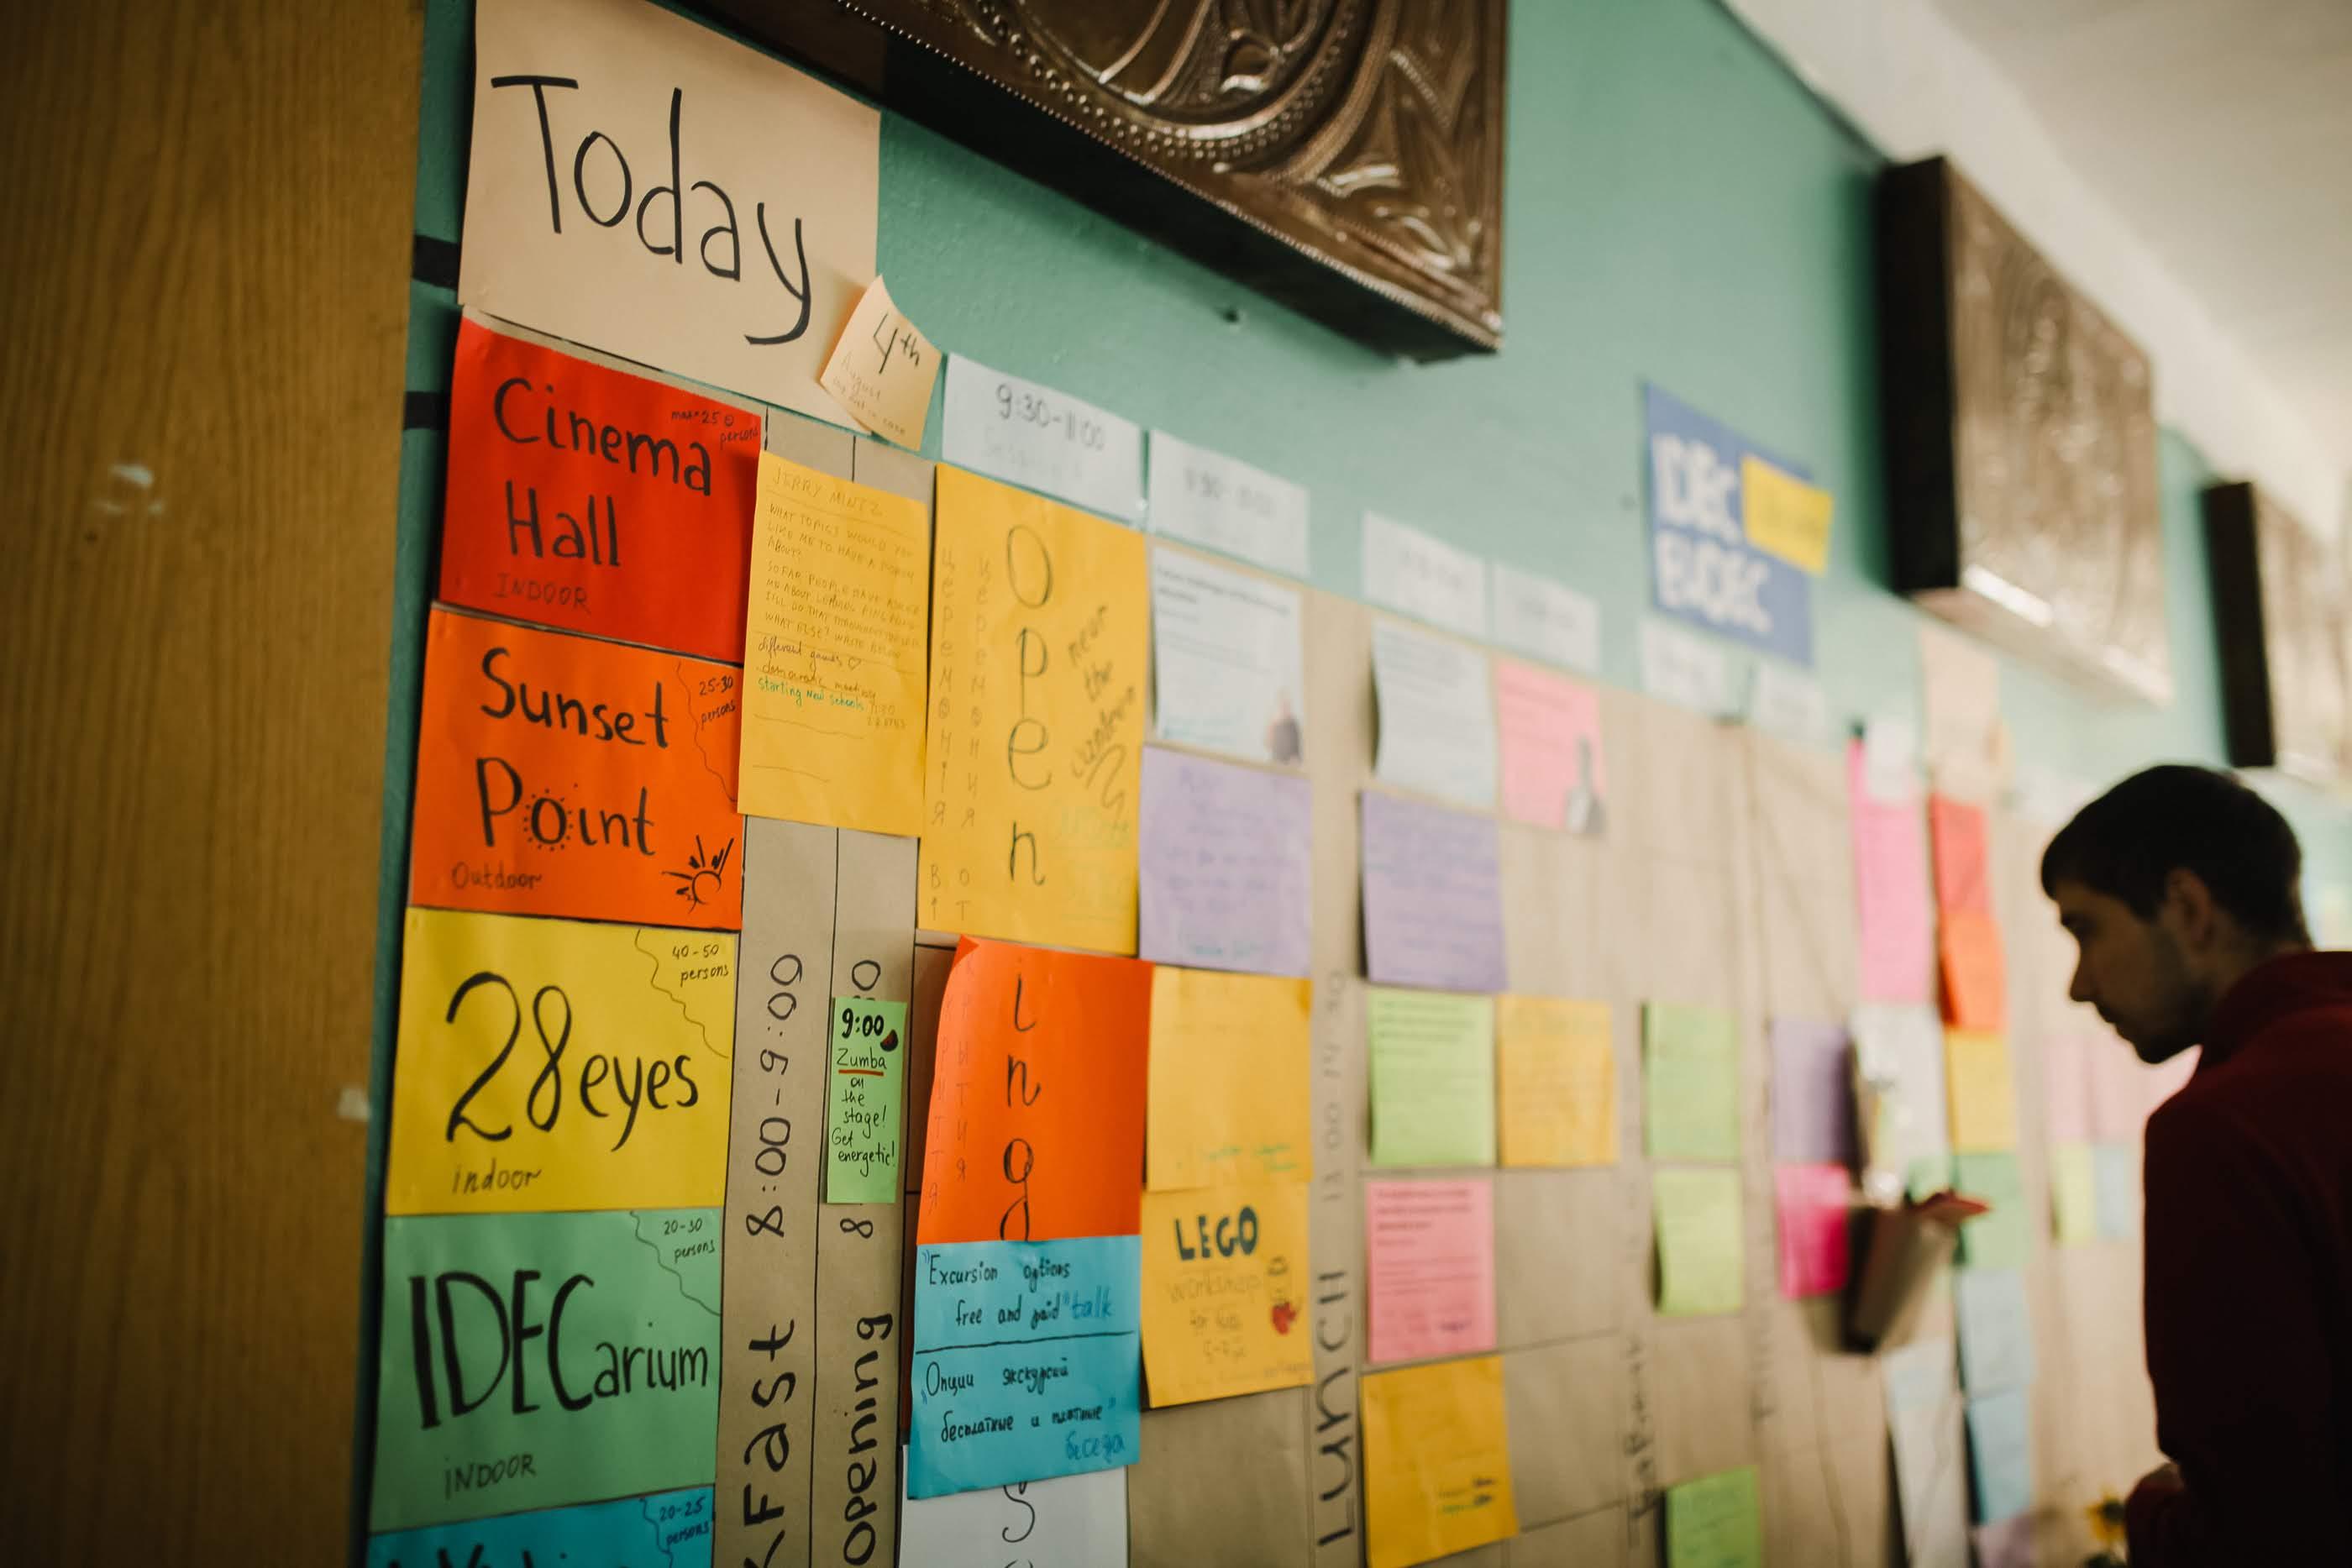 Планиране за деня, в което всички могат да предлагат и инициират дейности